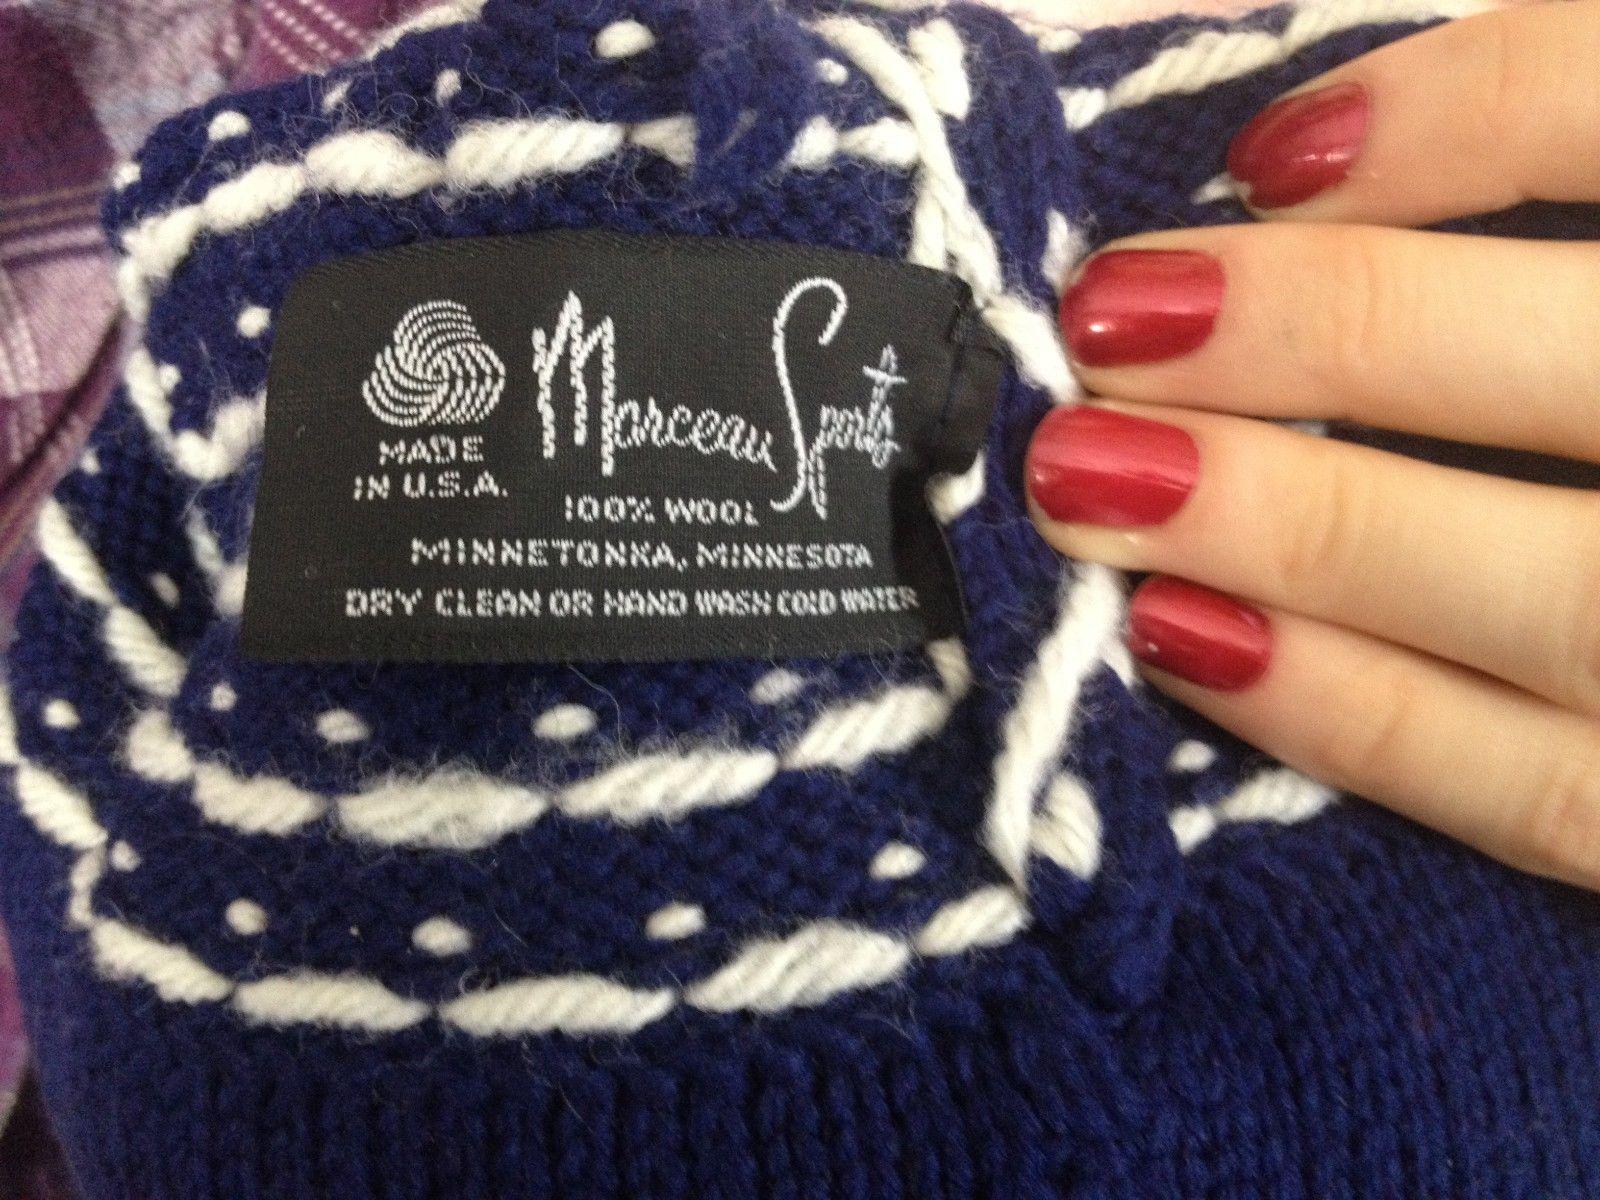 d2c65f57b9a Pom Pom Ski Hat Cap 100% Wool Marceau Sports Minnetonka